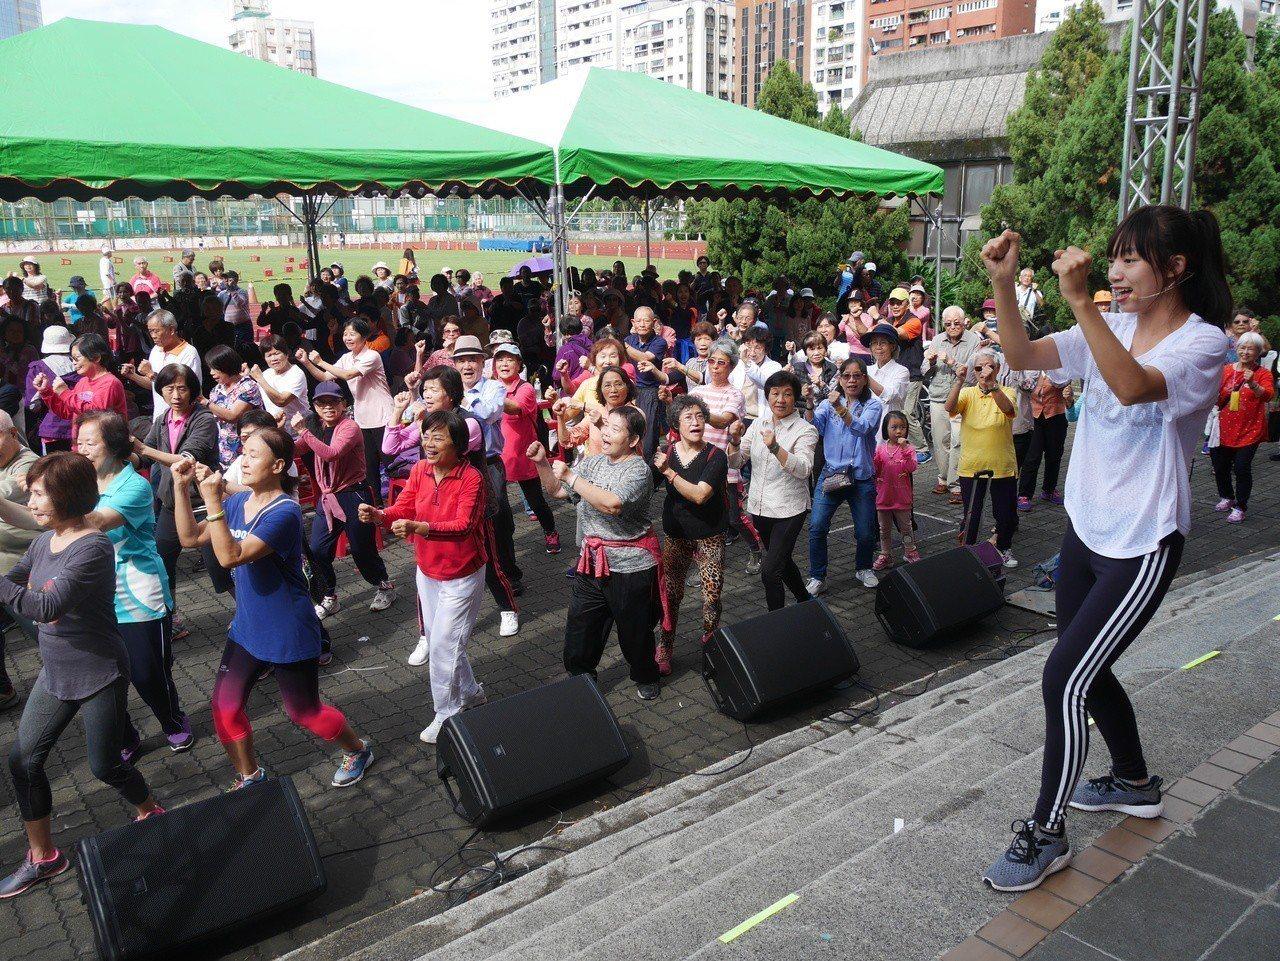 國立台灣師範大學舉辦「高齡夢想市集」,共有數百位銀髮族齊聚。圖/台師大提供